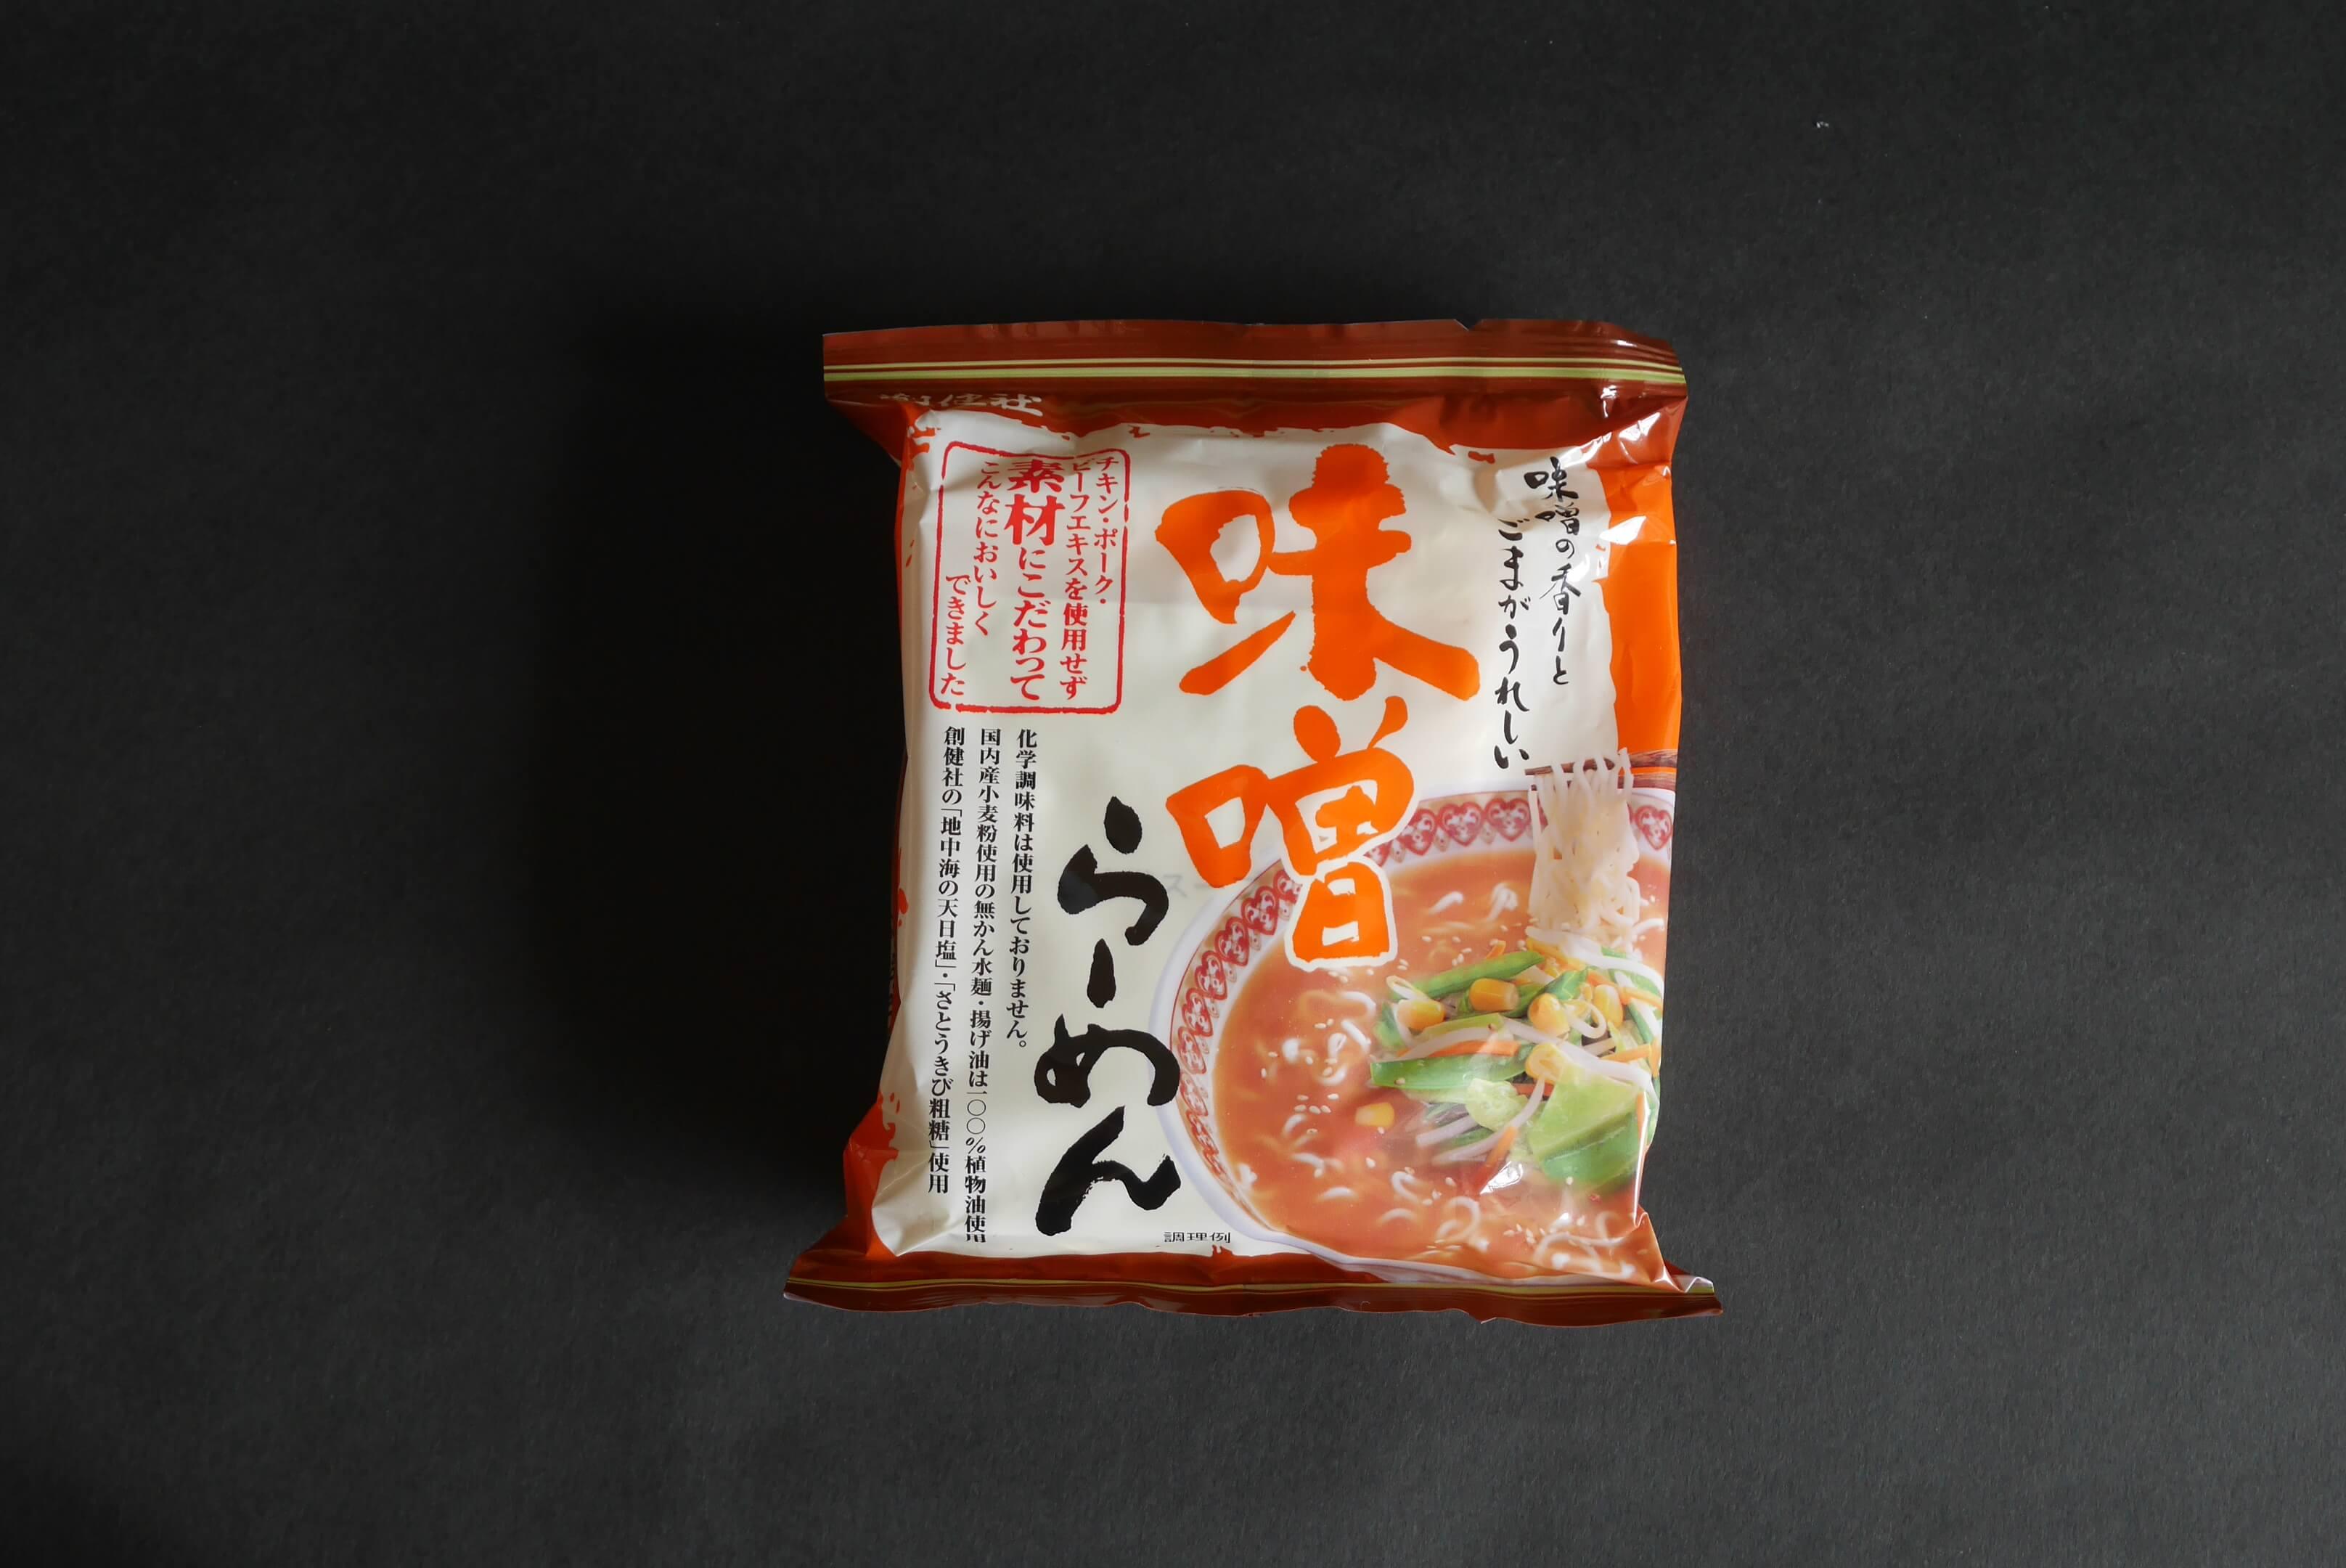 【創健社】無化学調味料のインスタント「味噌らーめん」を食べた感想!がっつり食べ応えのあるインスタントラーメンです。